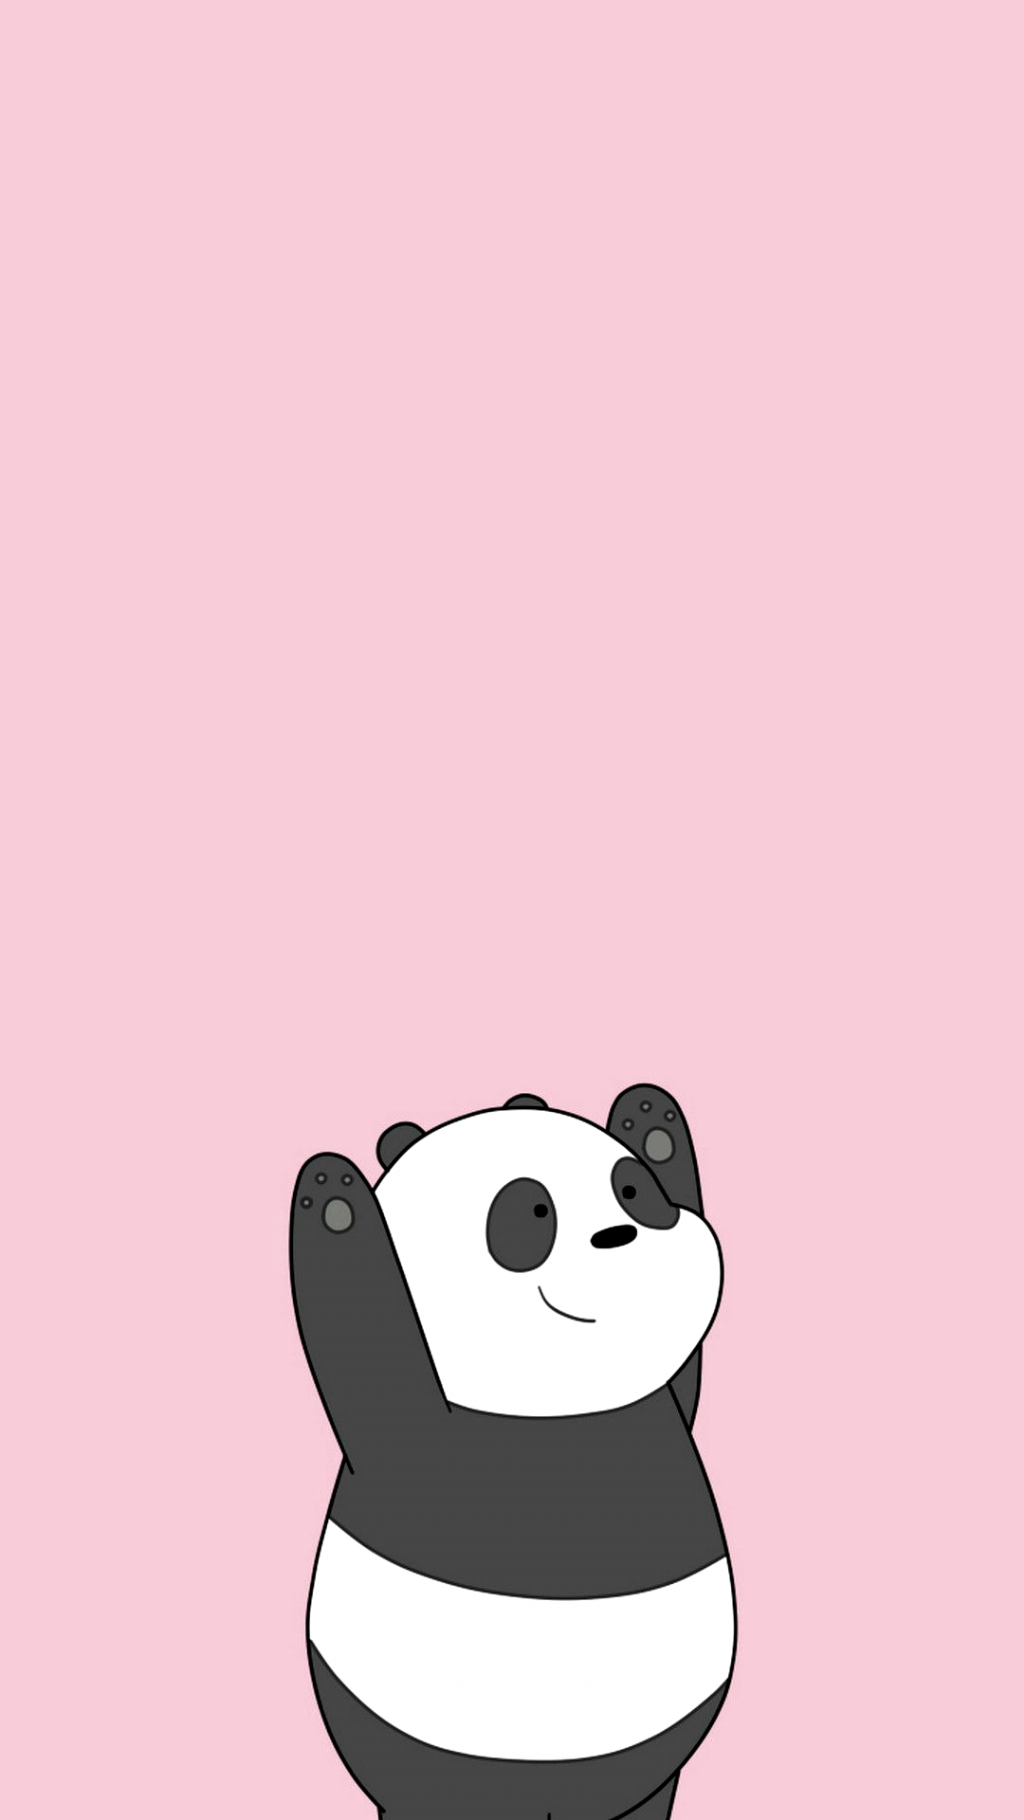 Cute Panda Wallpaper For Android Best Hd Wallpapers Wallpaperscute Fonddecran Hintergrund Wallp Cute Cartoon Wallpapers Bear Wallpaper Panda Wallpapers